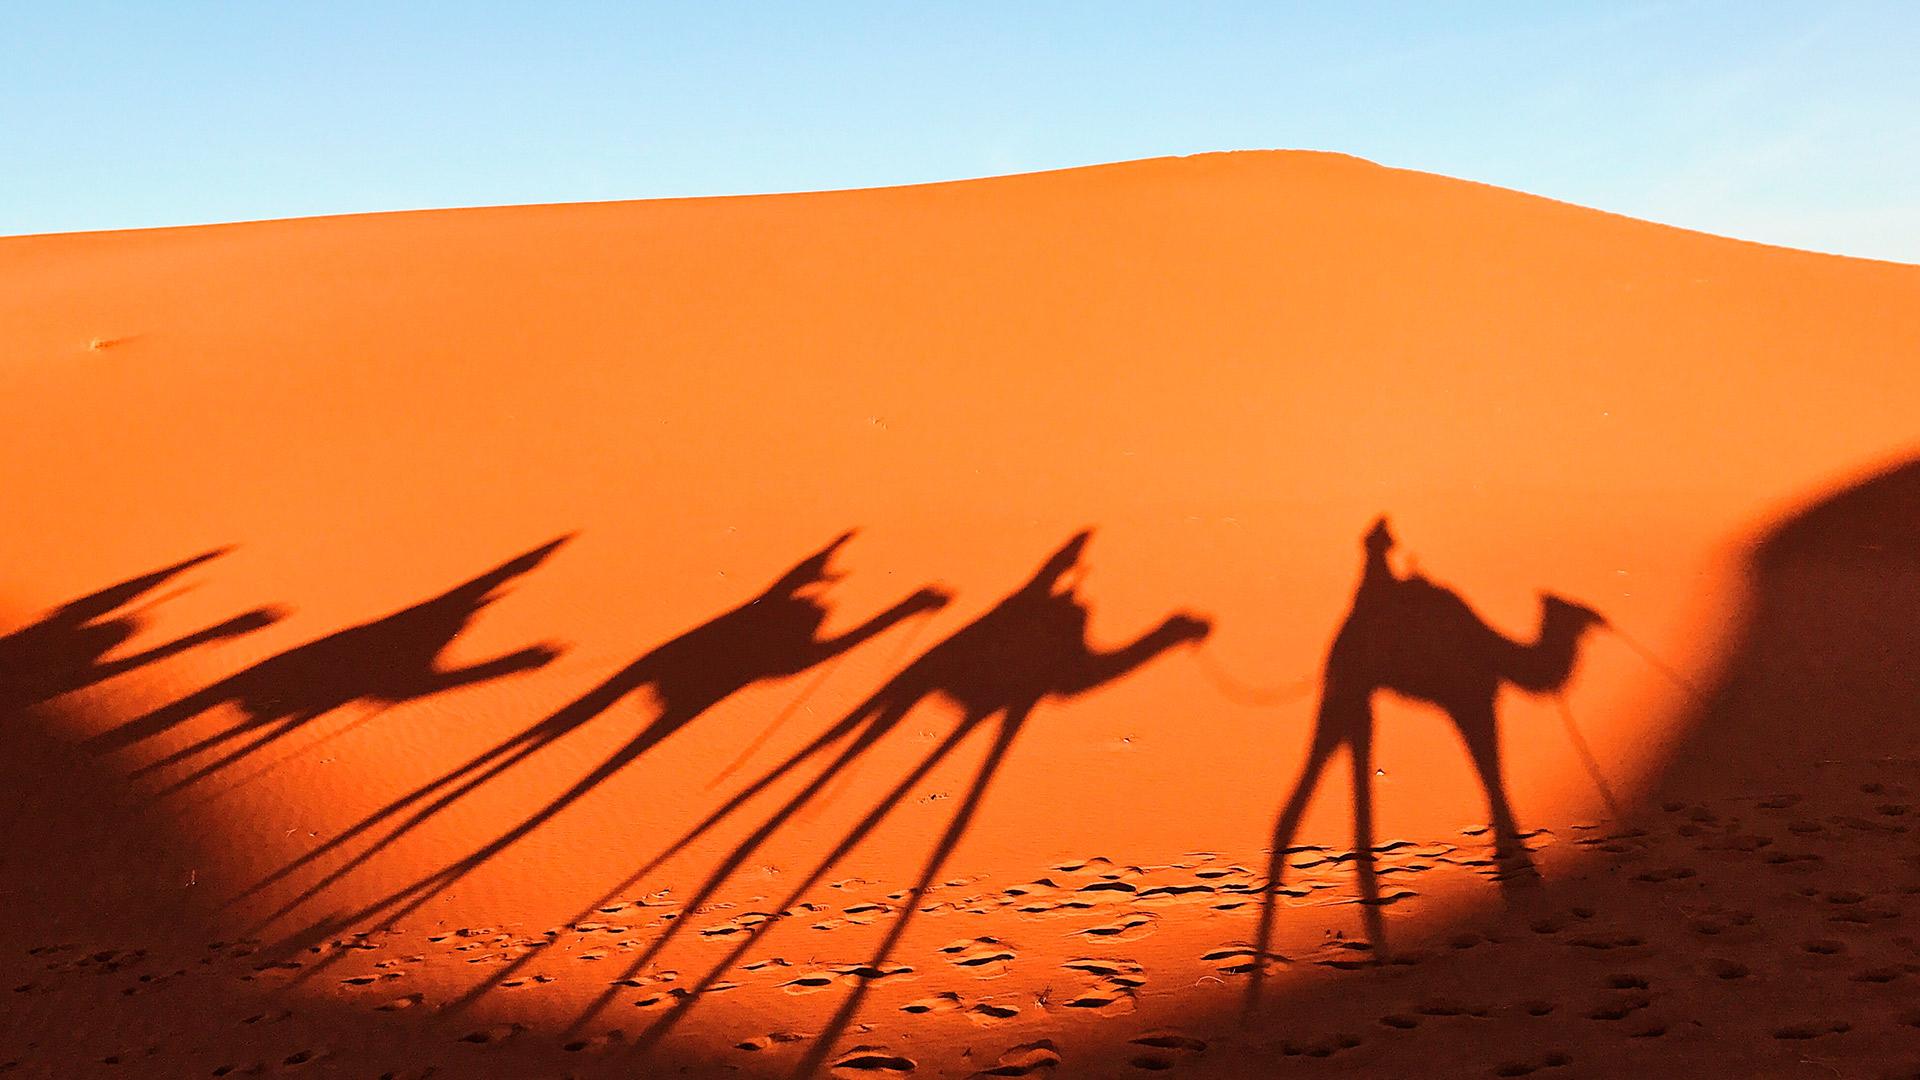 La vida en el Sáhara hero asset